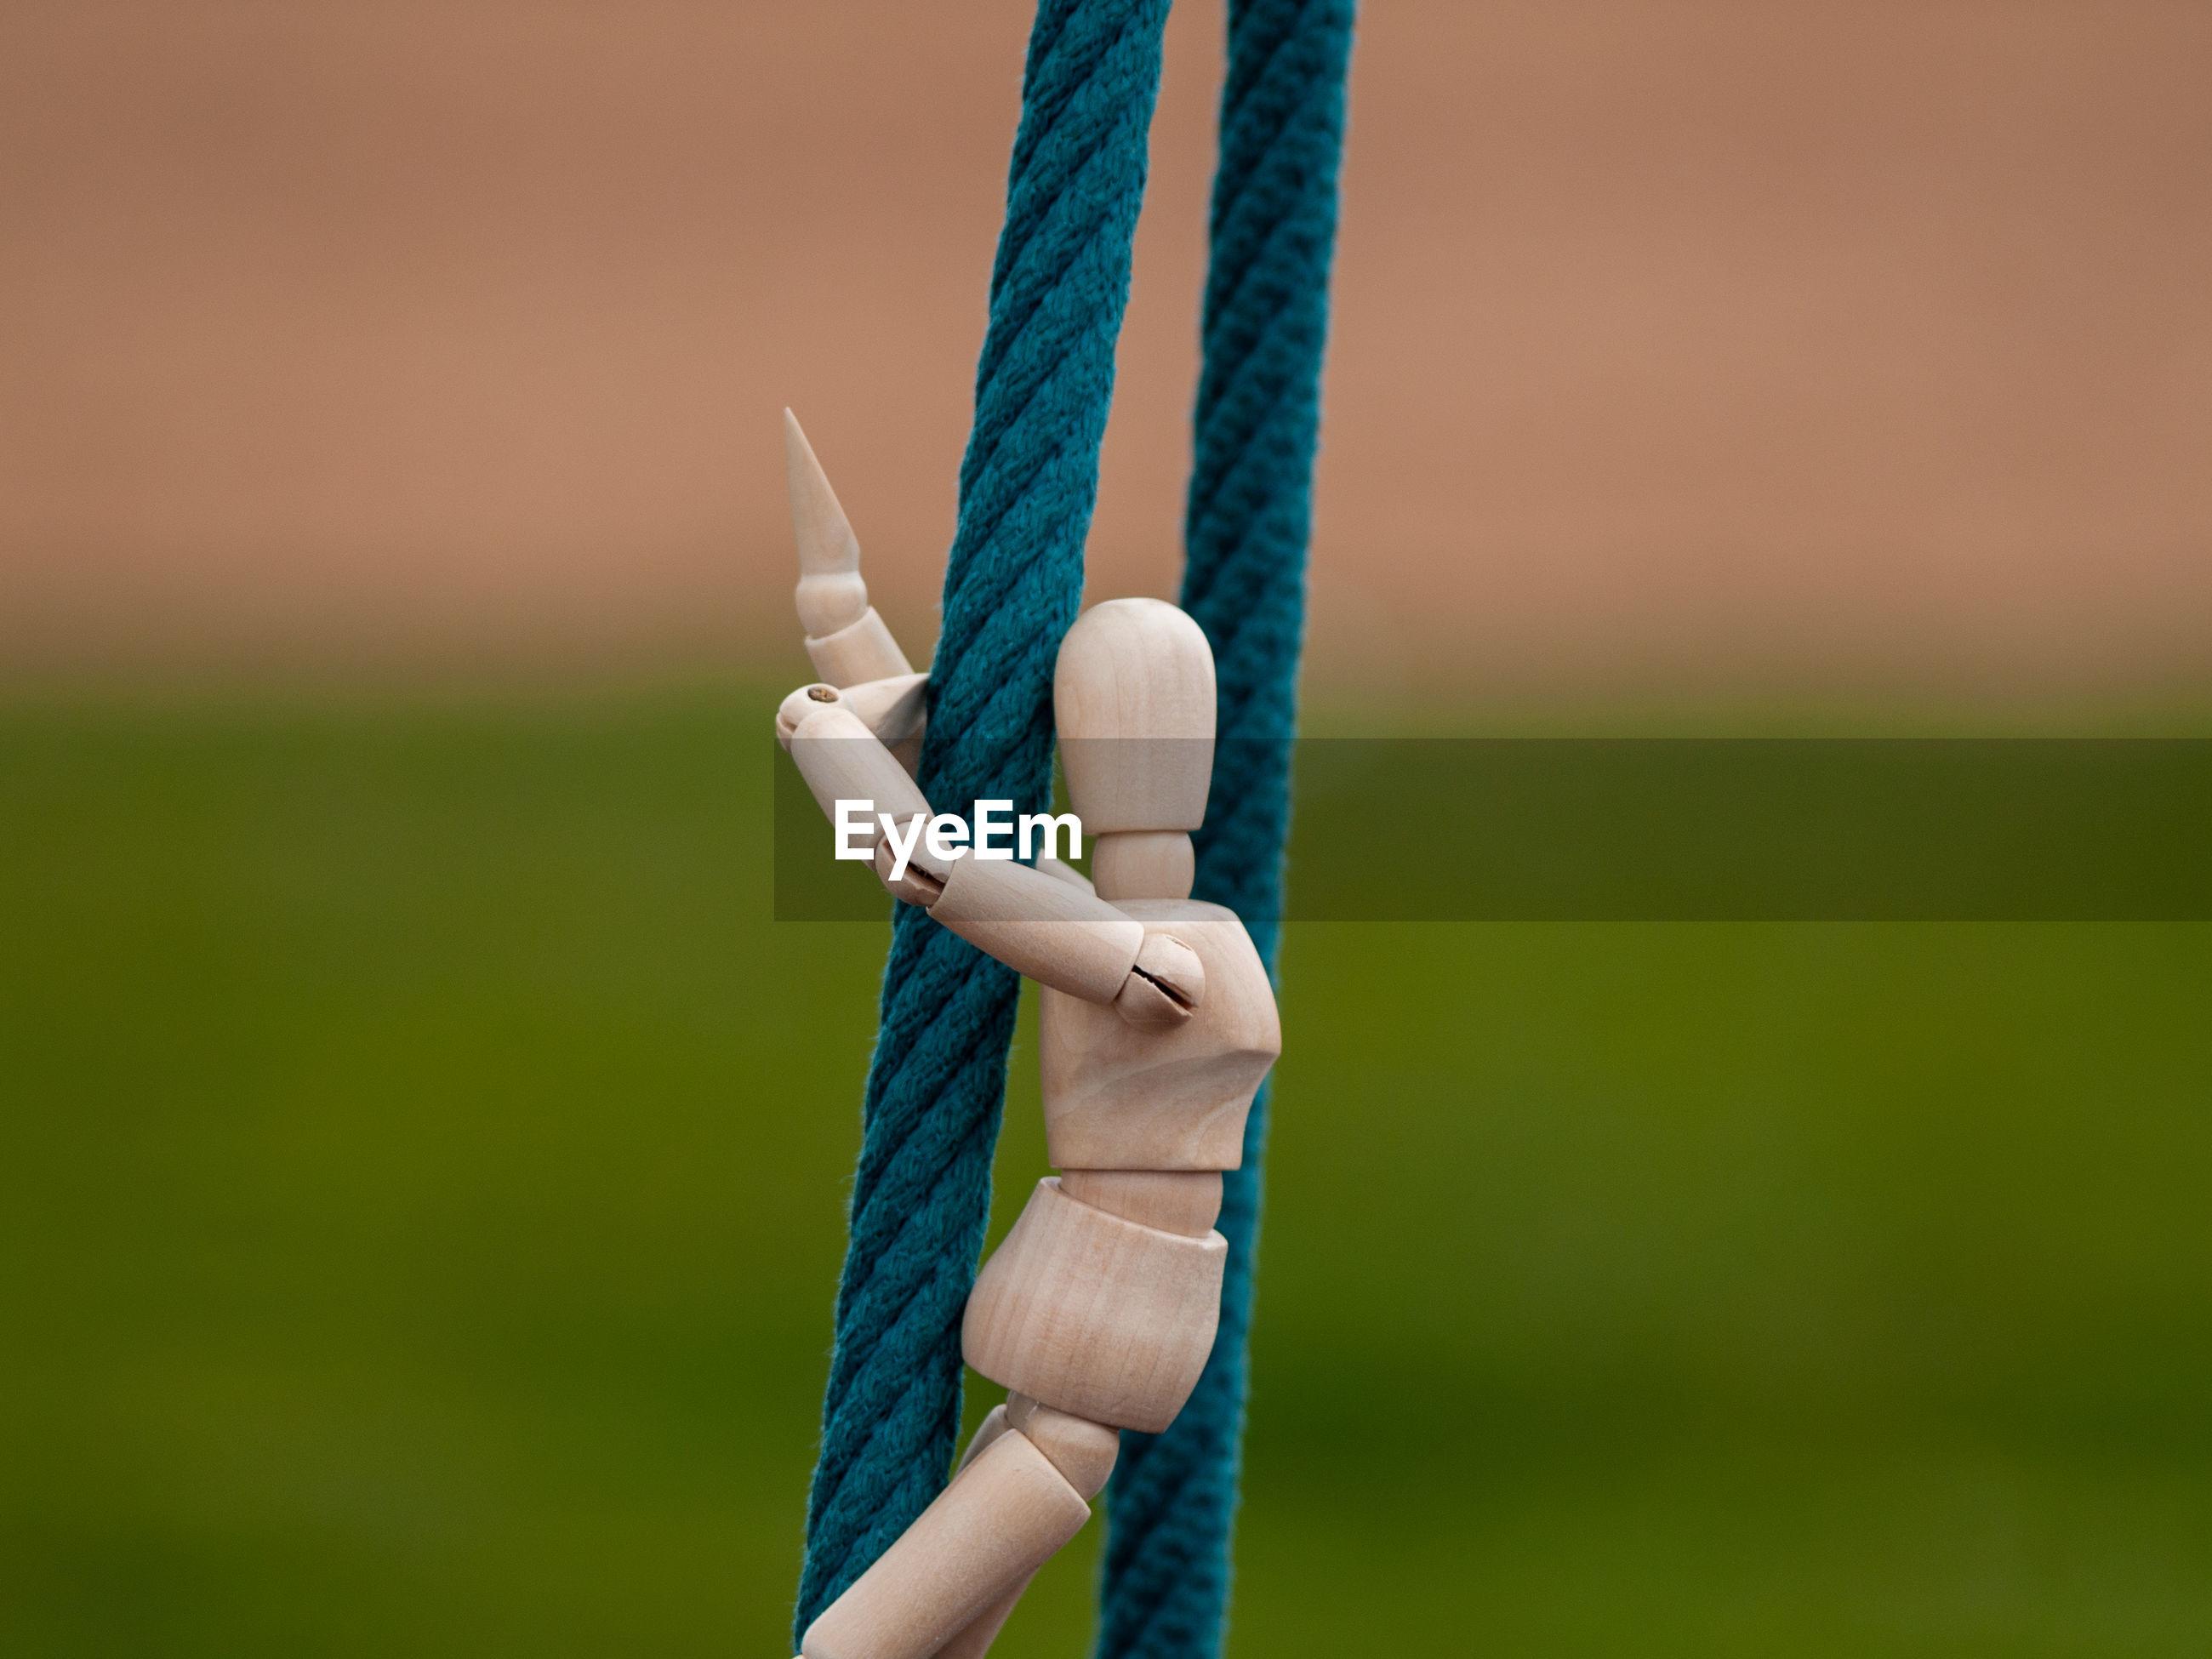 Figurine on rope